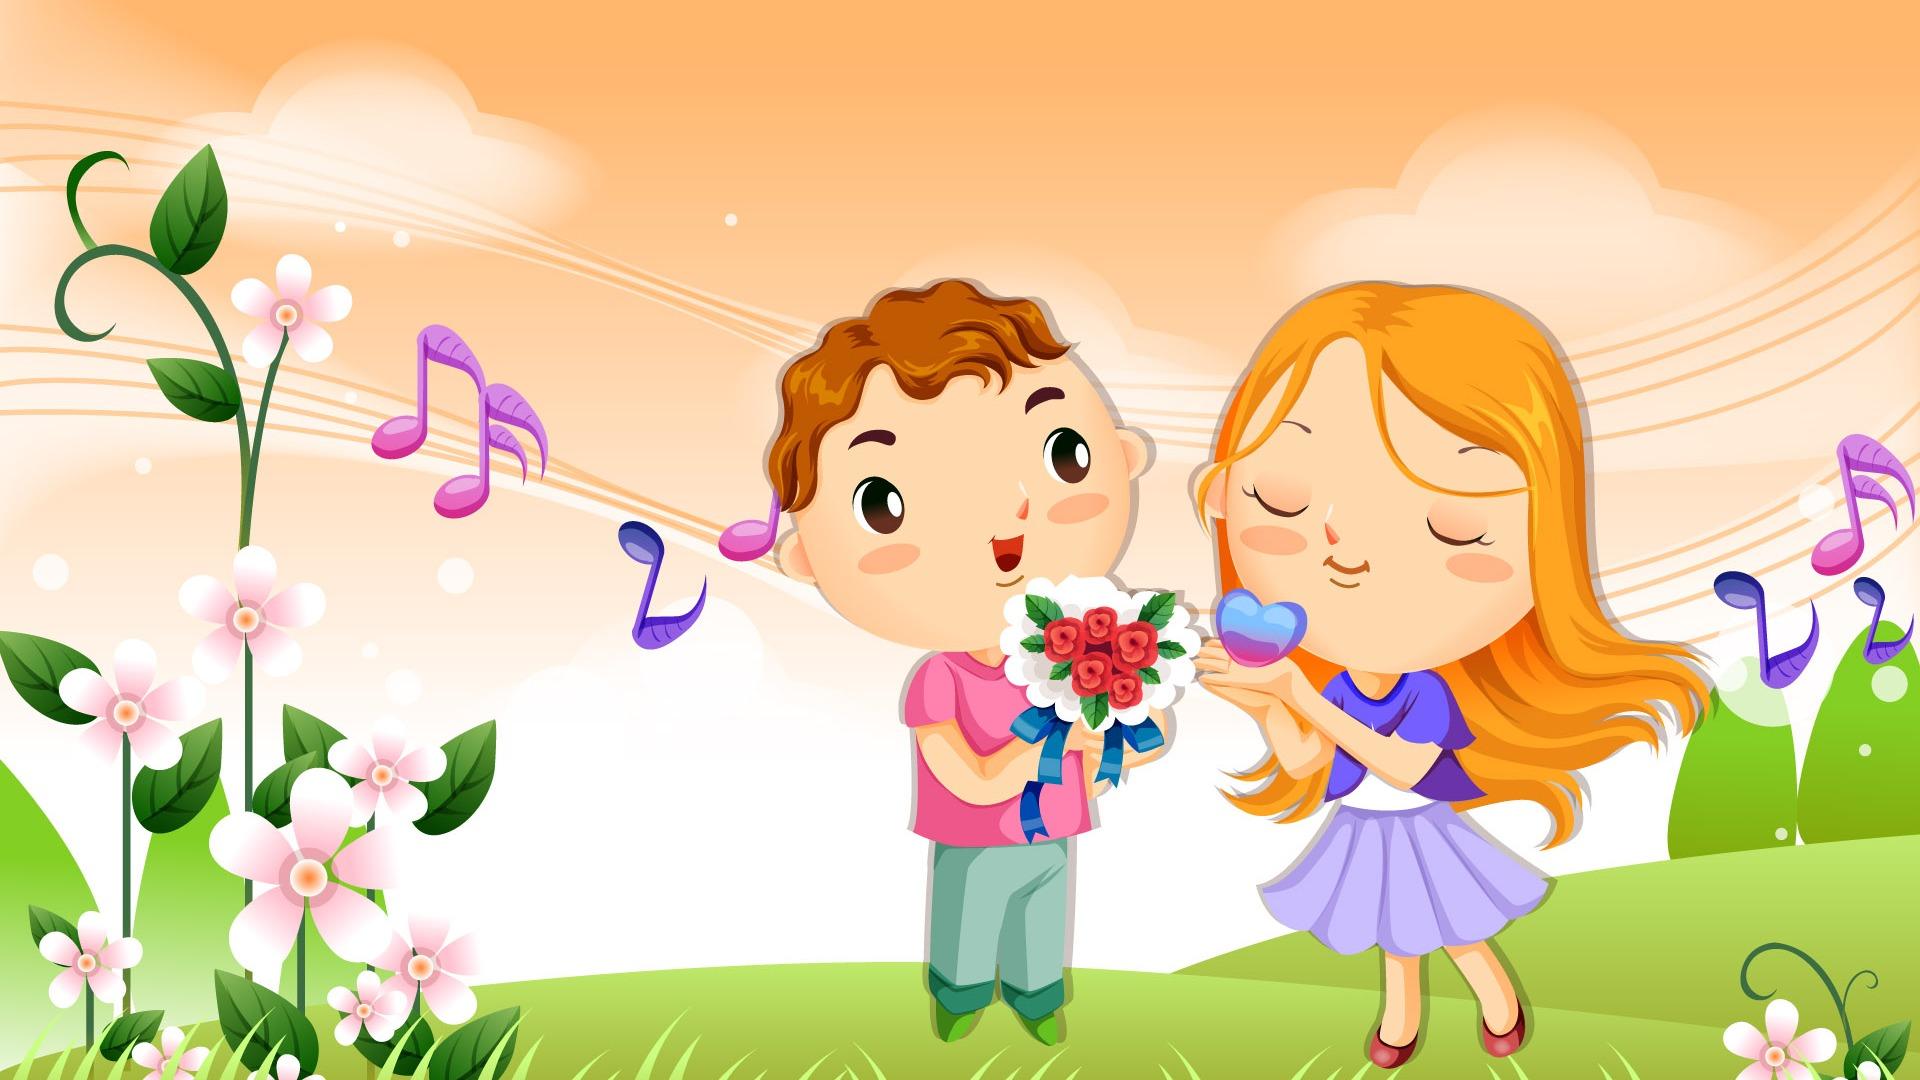 Fondos De Pantalla Gratis San Valentin 16: Día De San Valentín Amor Fondos Vectoriales (1) #16